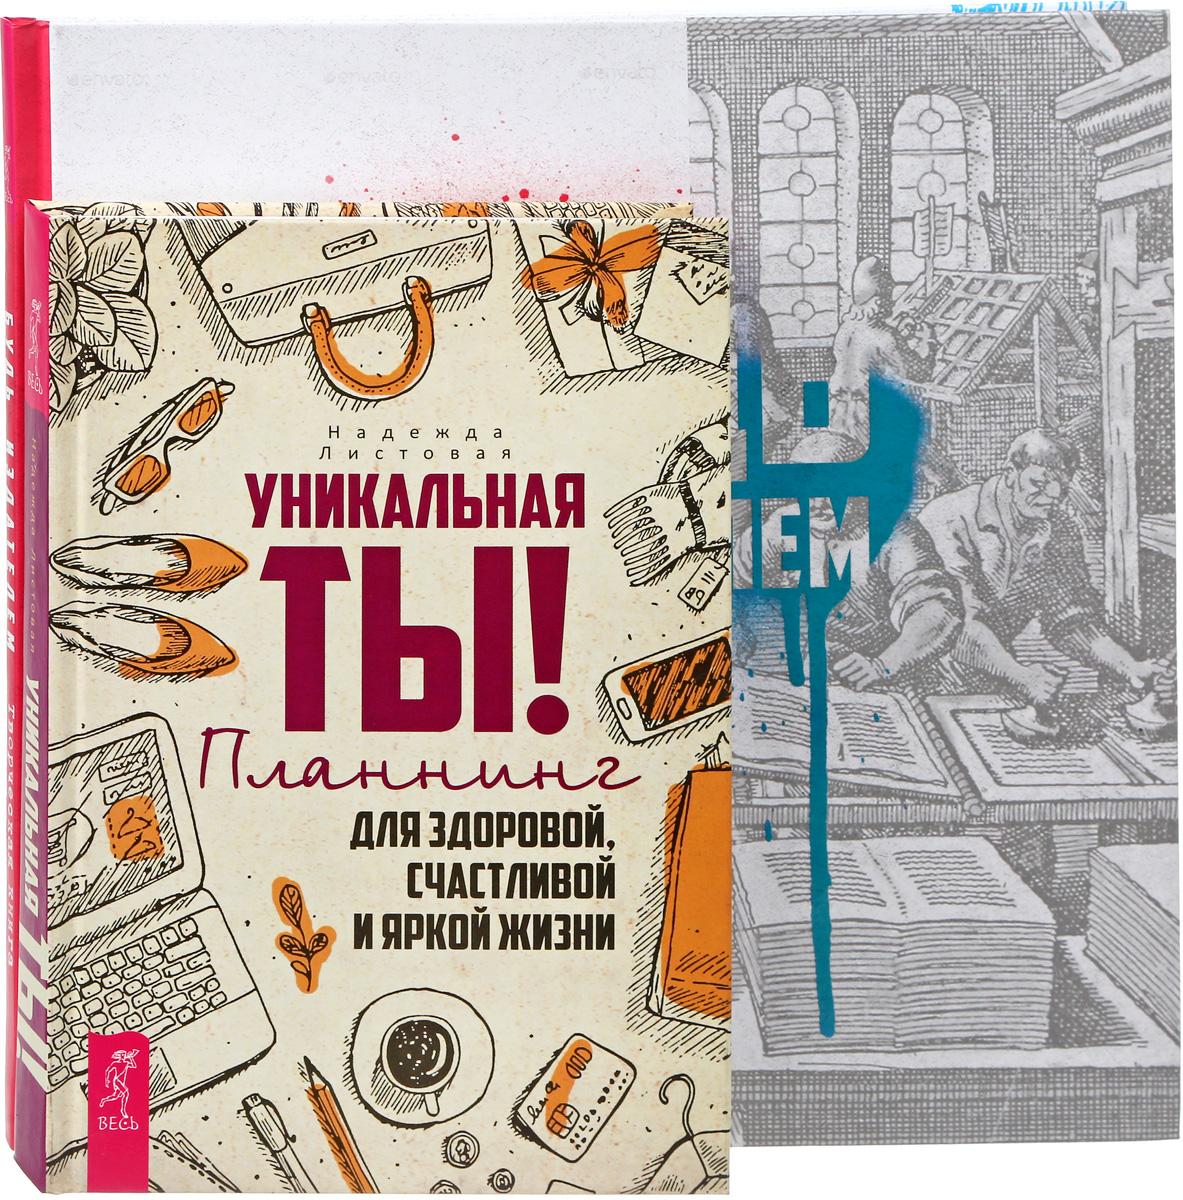 Надежда Листовая Будь издателем. Уникальная ты! (комплект из 2 книг)